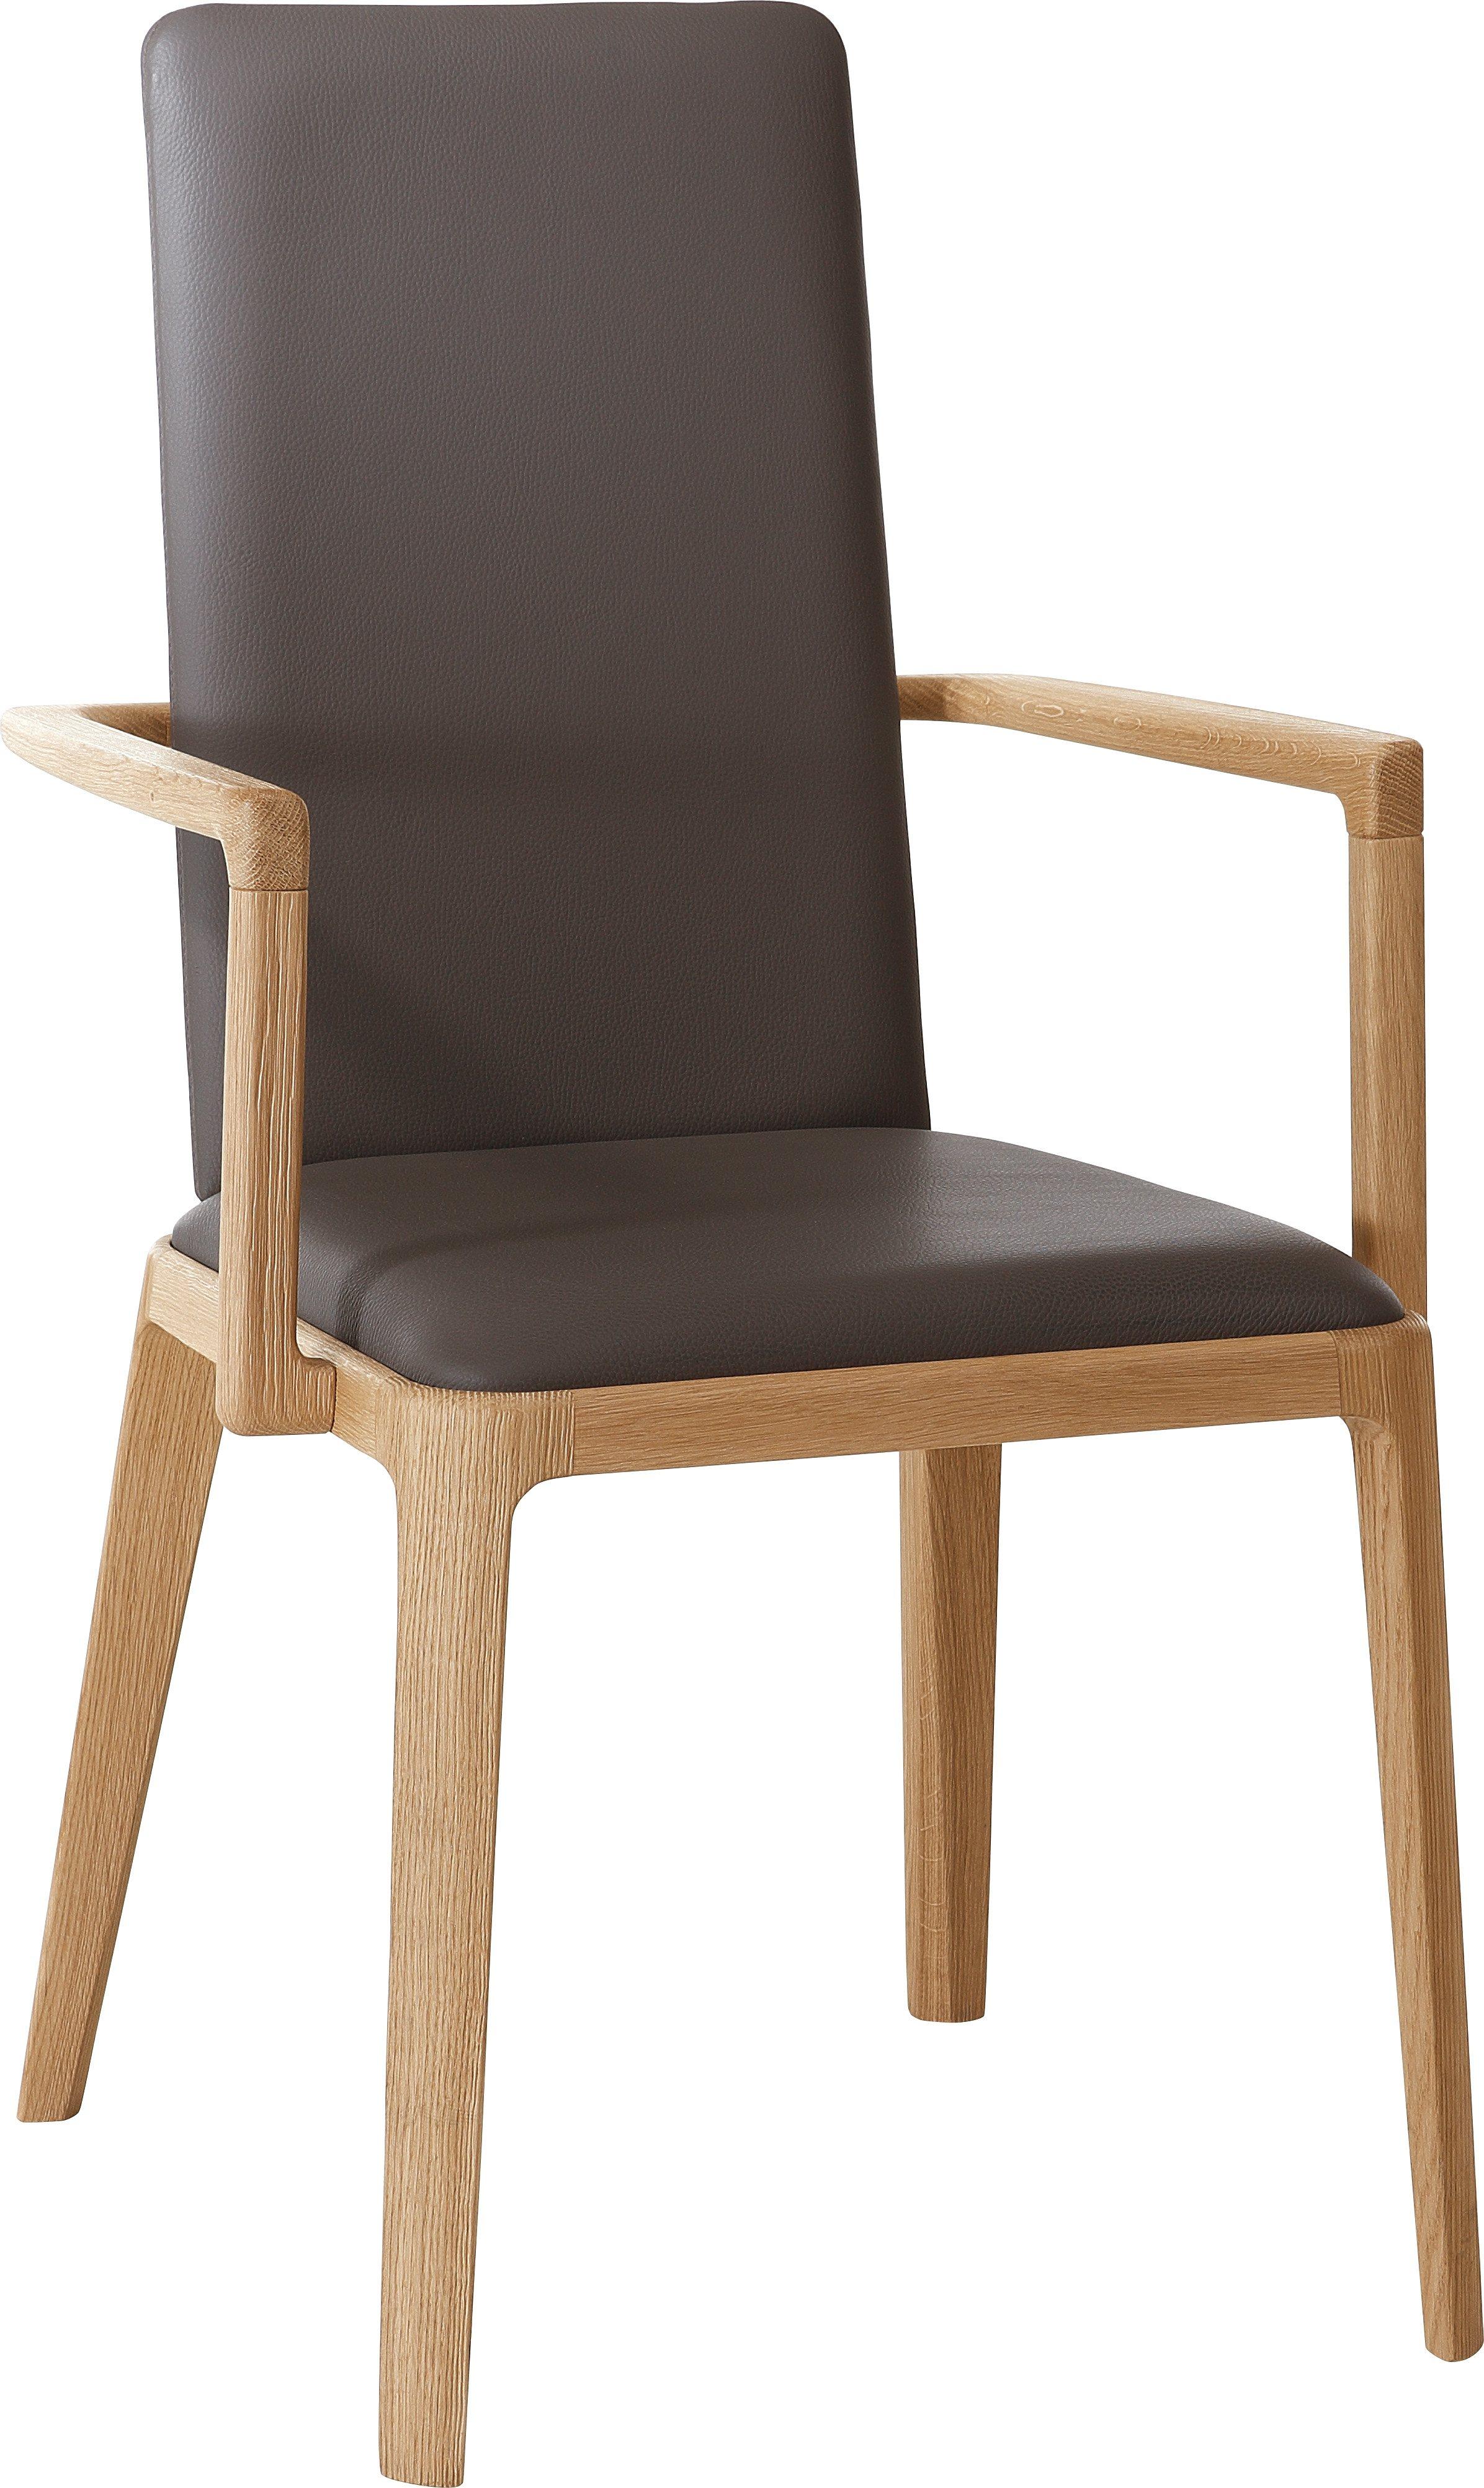 Massiv Armlehnstühle online kaufen | Möbel-Suchmaschine | ladendirekt.de